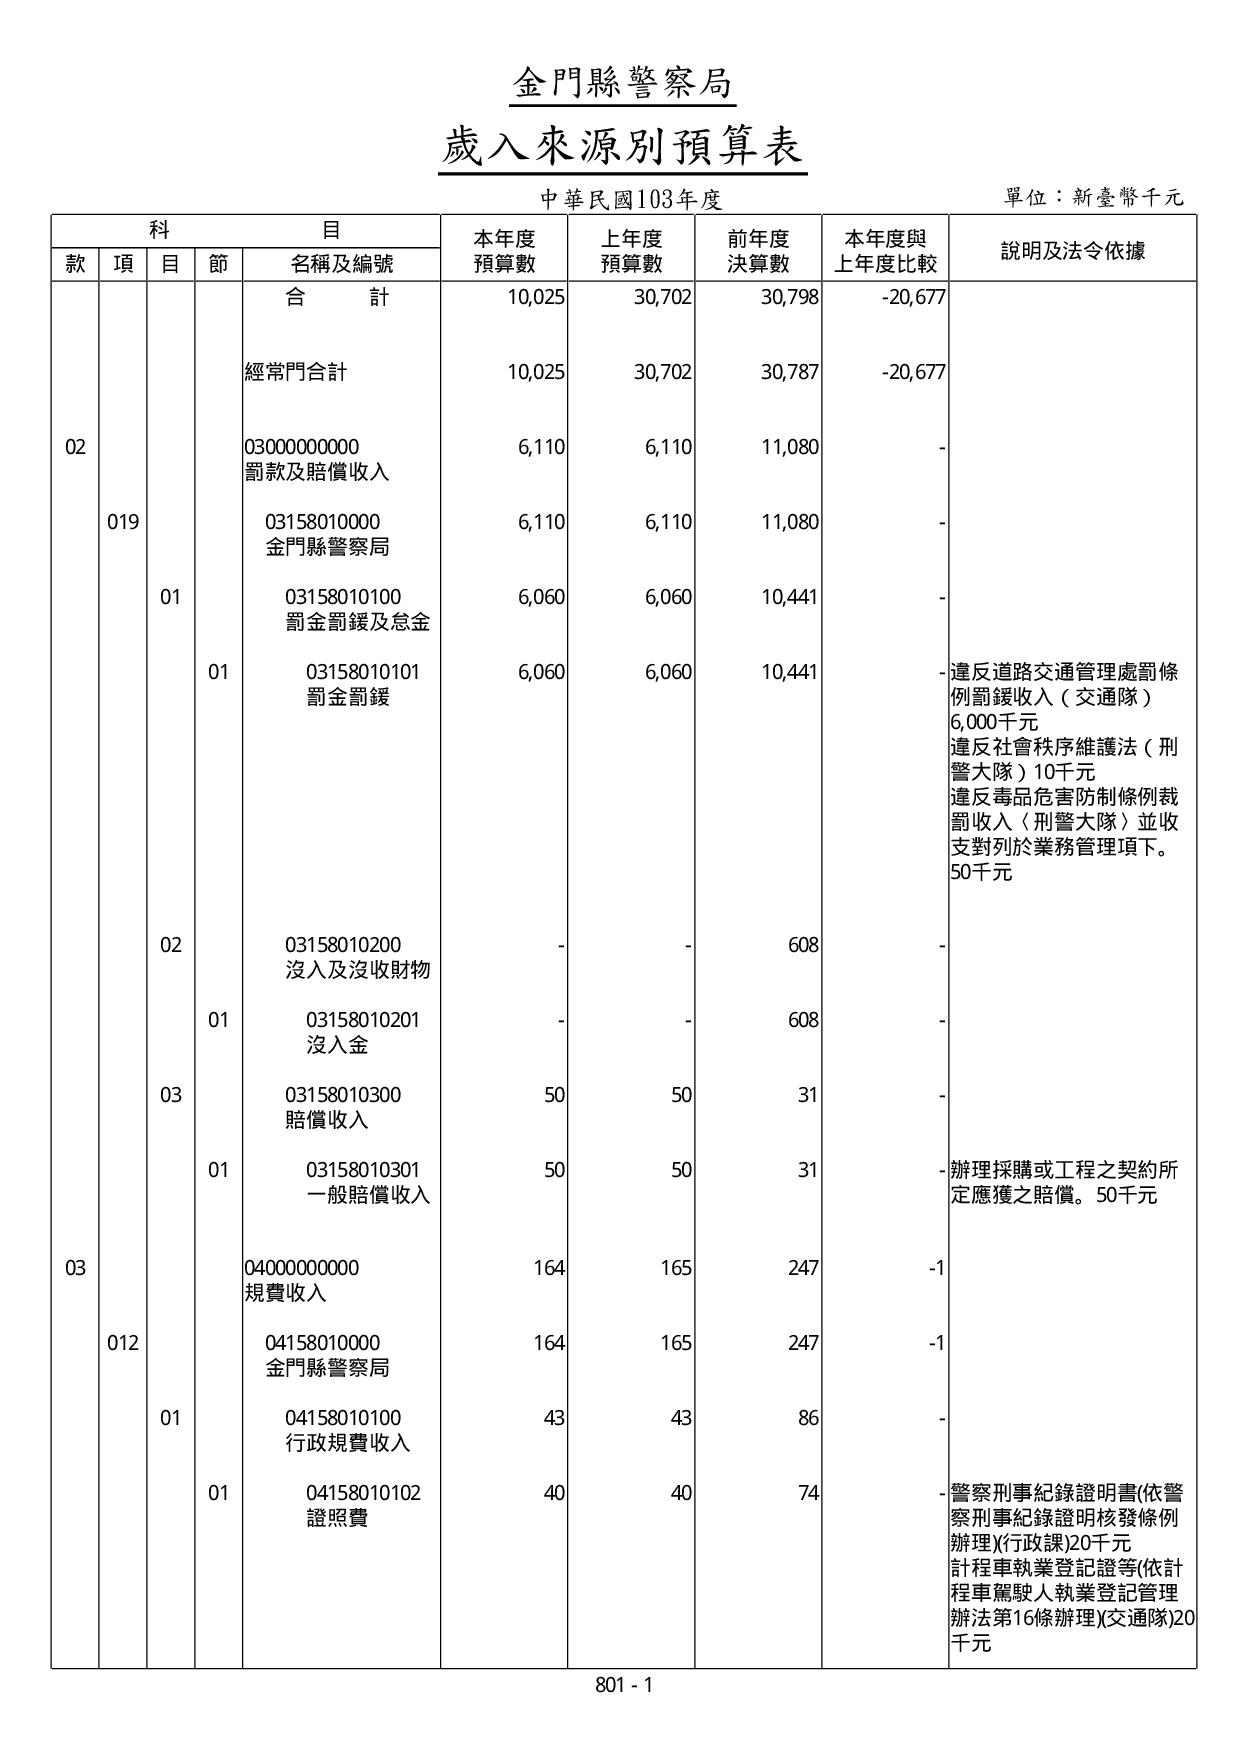 103年度歲入來源別預算表